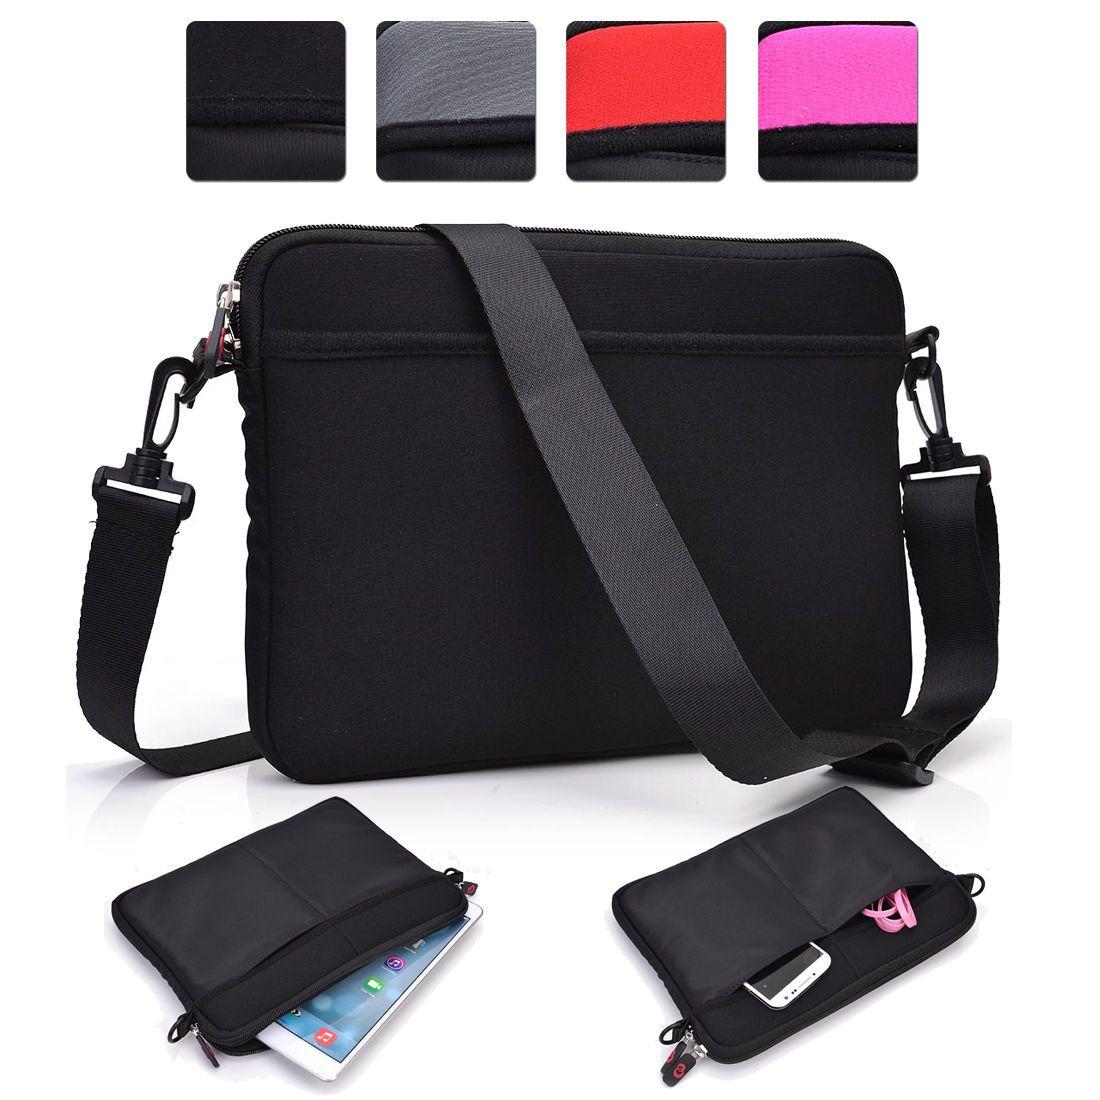 Universal 10 11 6 Inch Laptop Sleeve And Shoulder Bag Case 2 In 1 Ndr2 2 Ebay Tablet Sleeve Shoulder Bag Bags